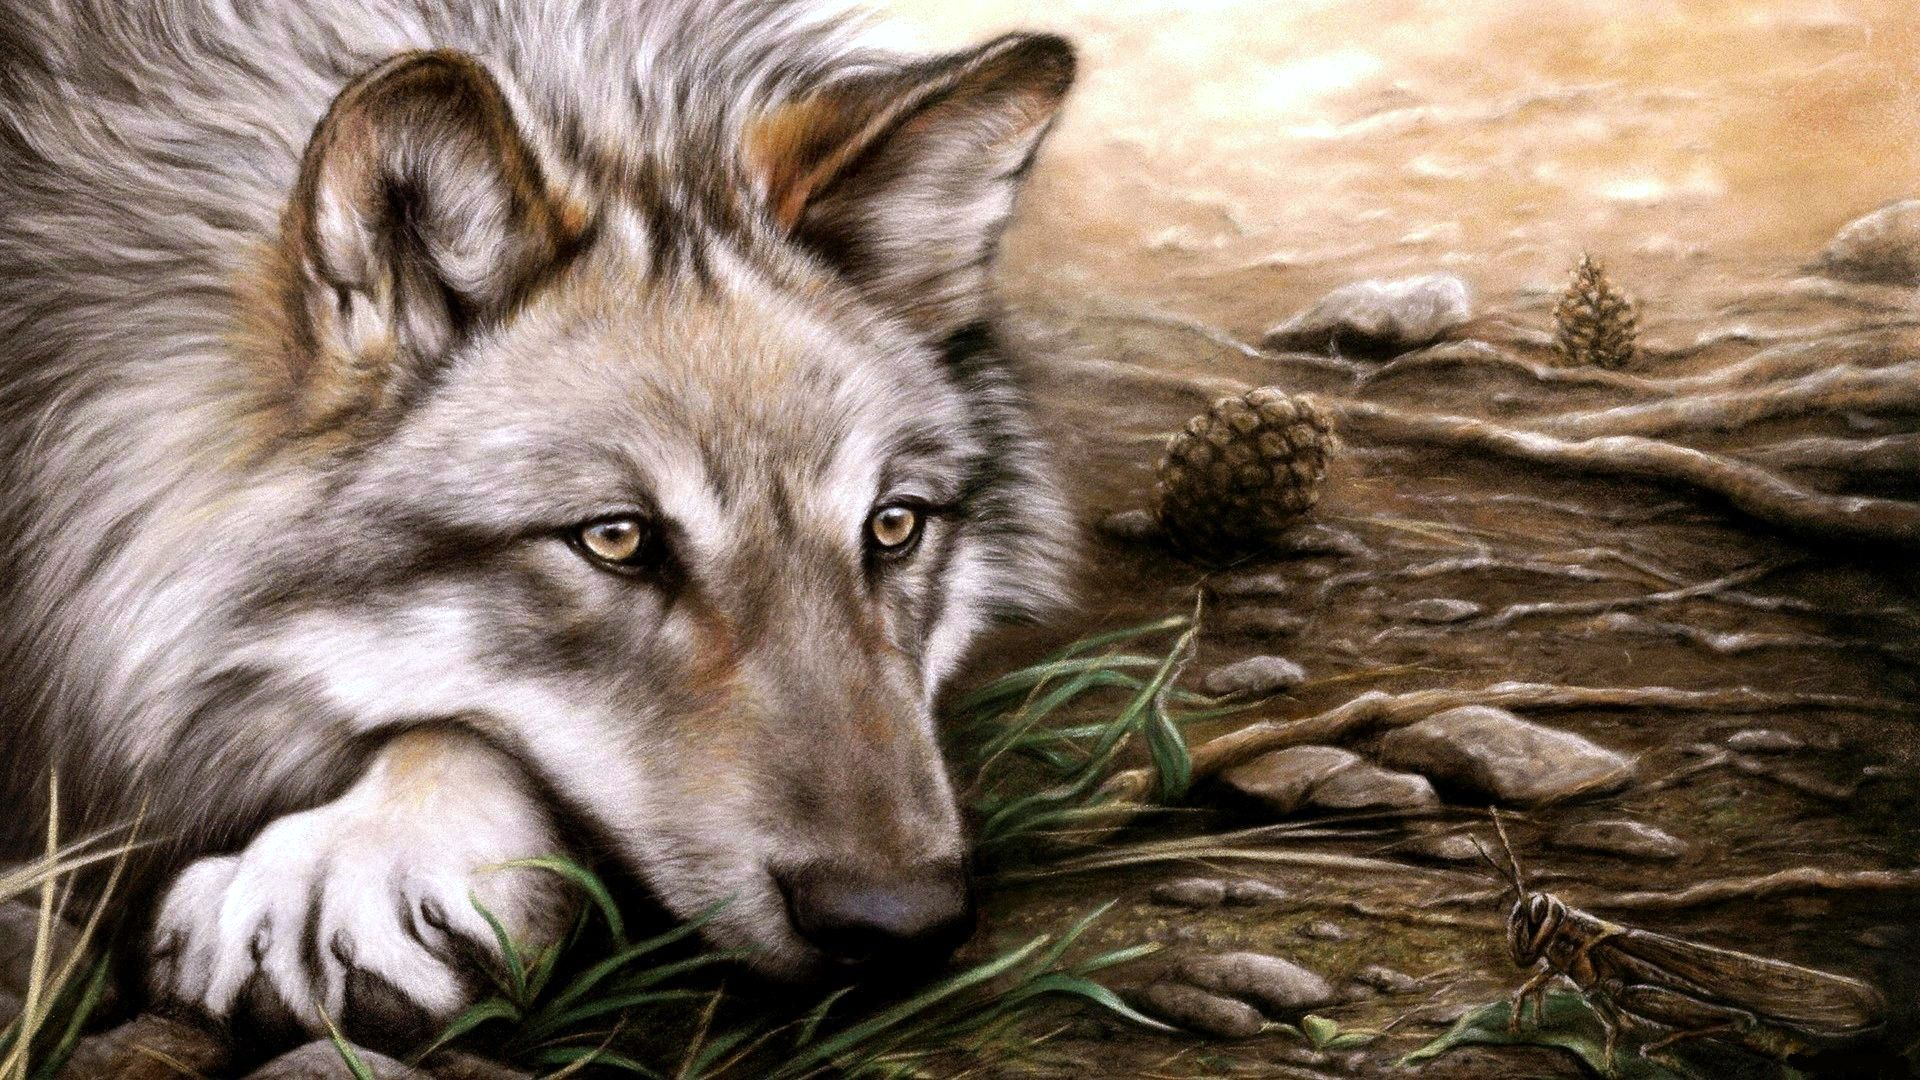 Найти заставку на рабочий стол с волками